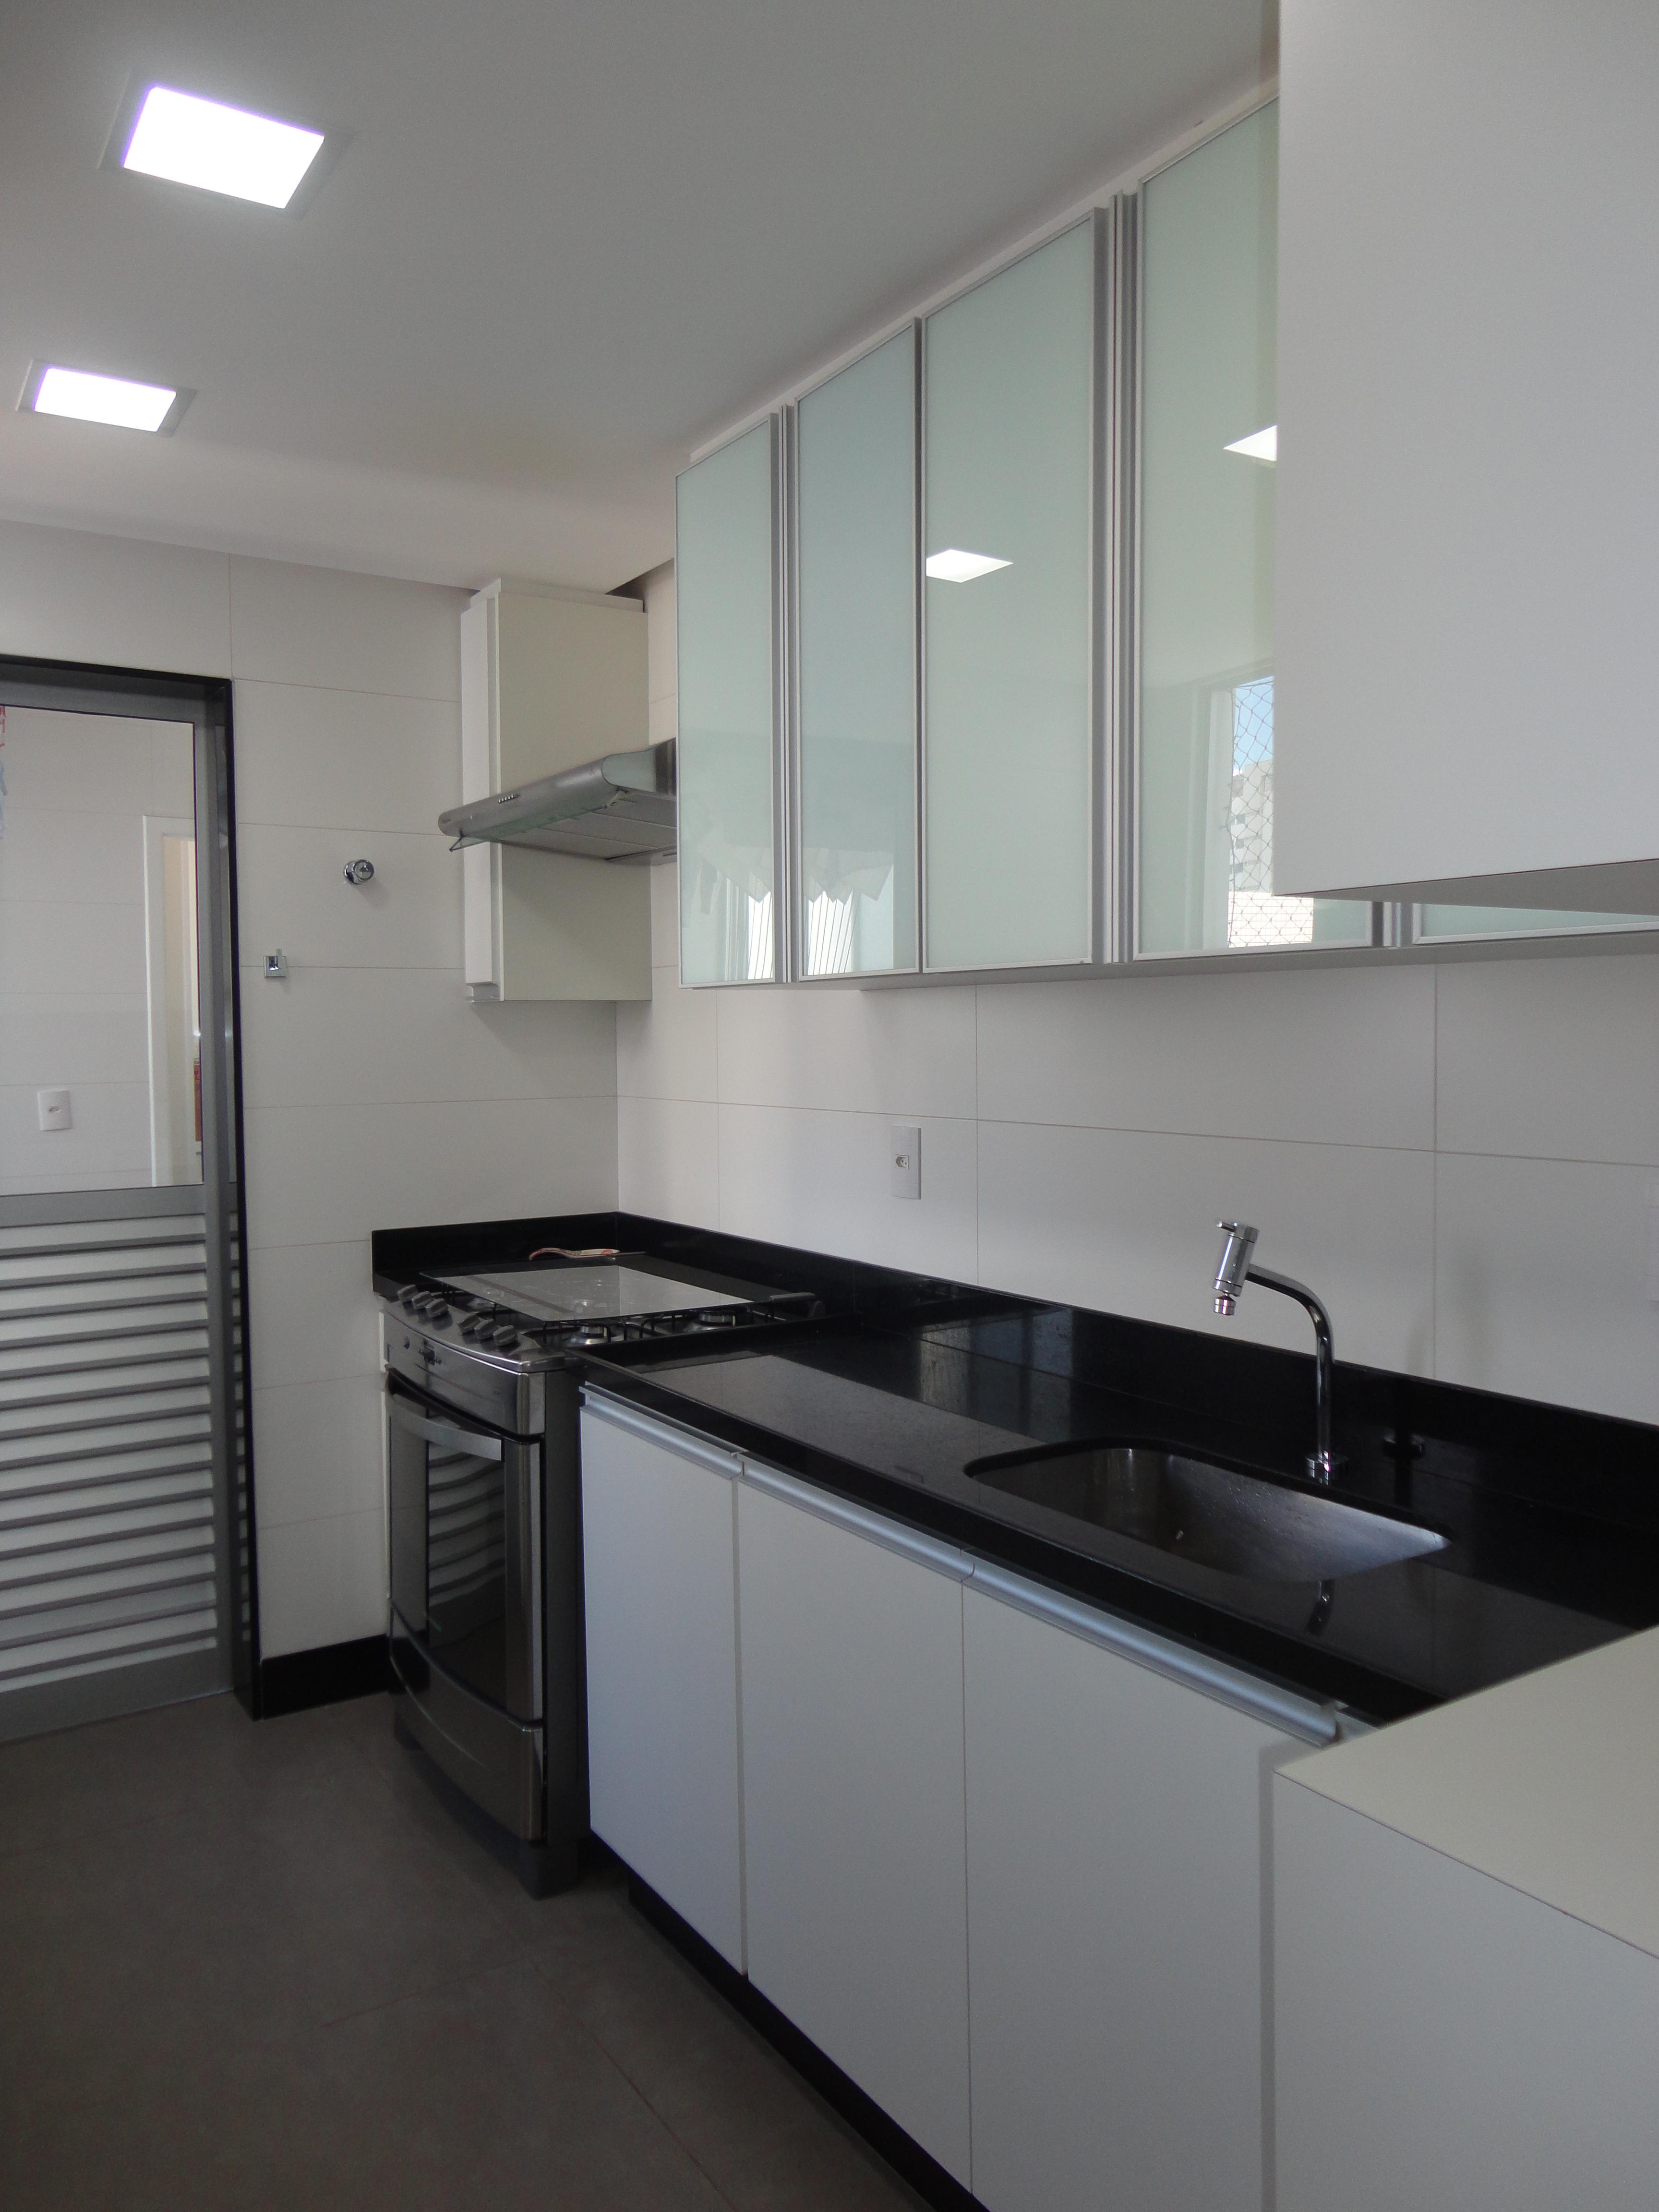 Quartos modificação completa piso gesso iluminação e  #6D665E 3456x4608 Banheiro Com Pastilhas Amarelas